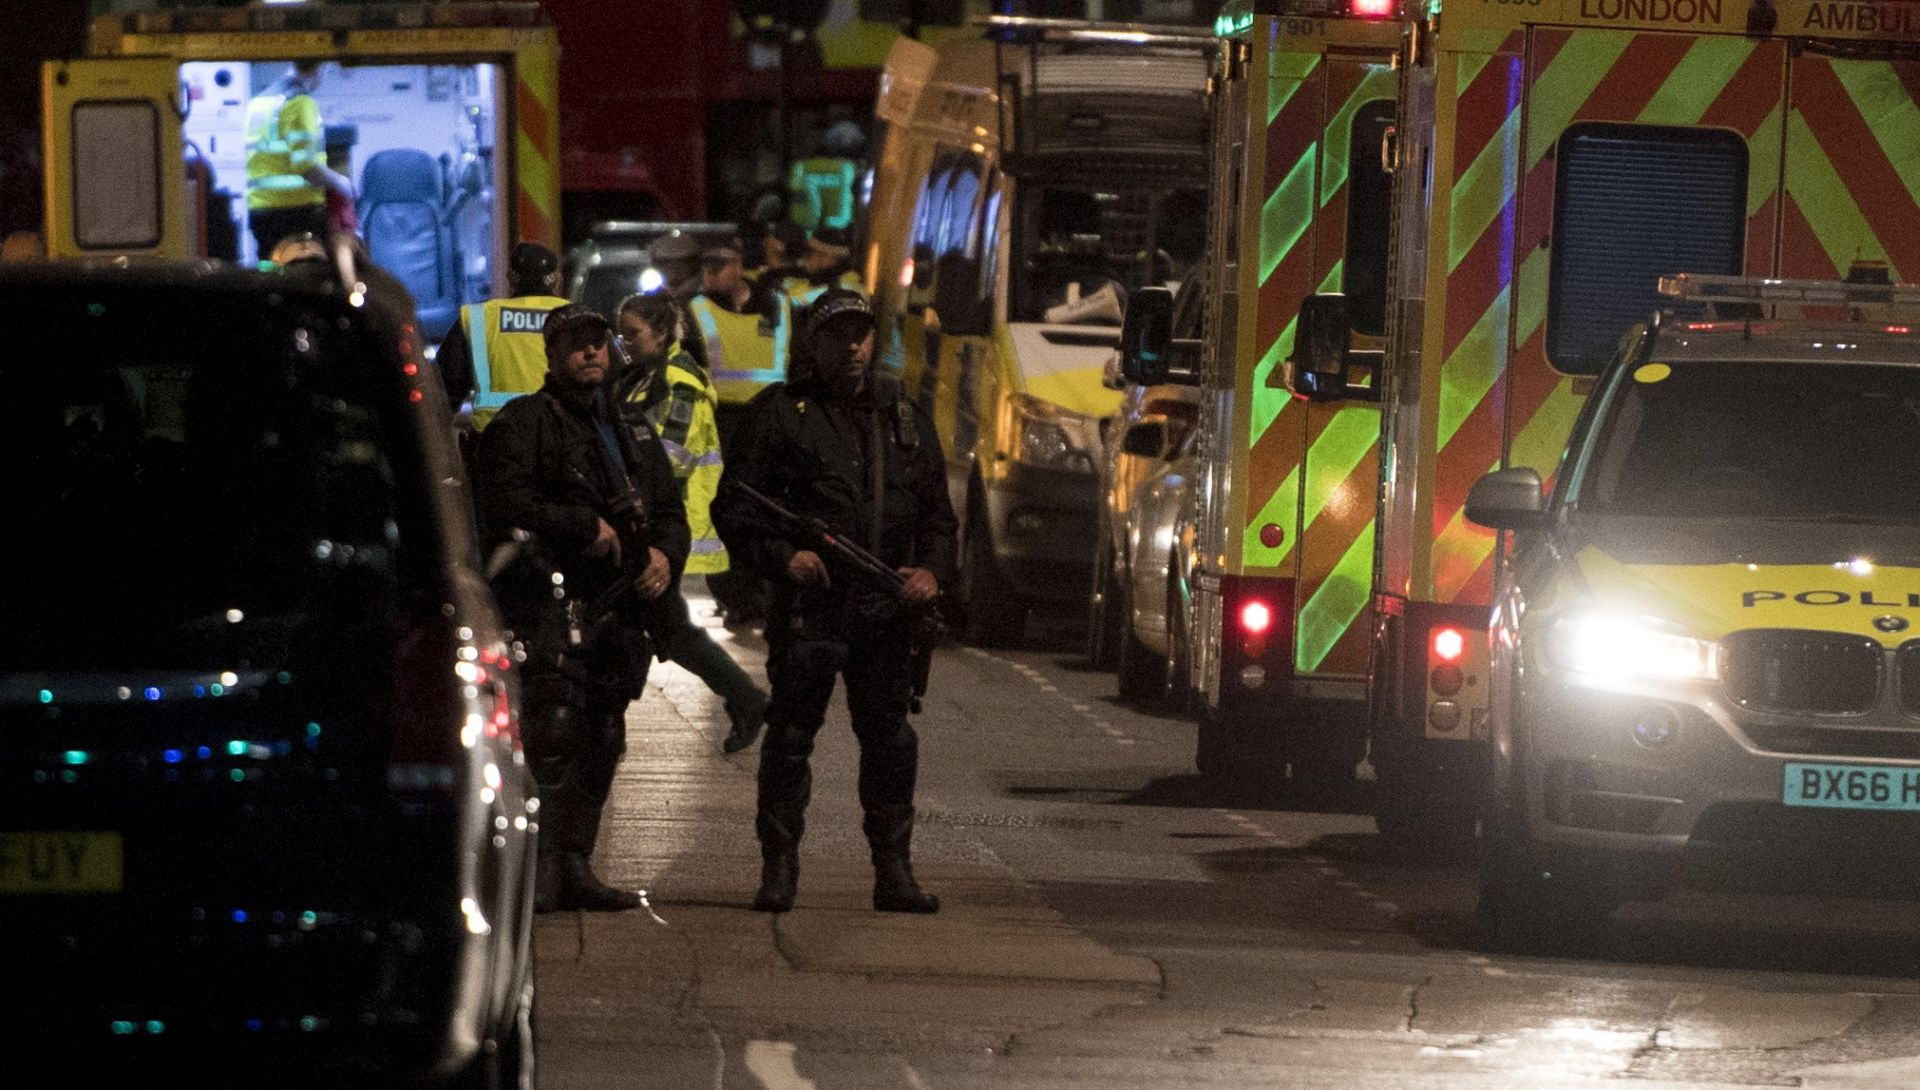 LONDON Kamionom gazili ljude pa ih izboli noževima, premijerka May poručila: 'Sad je dosta'